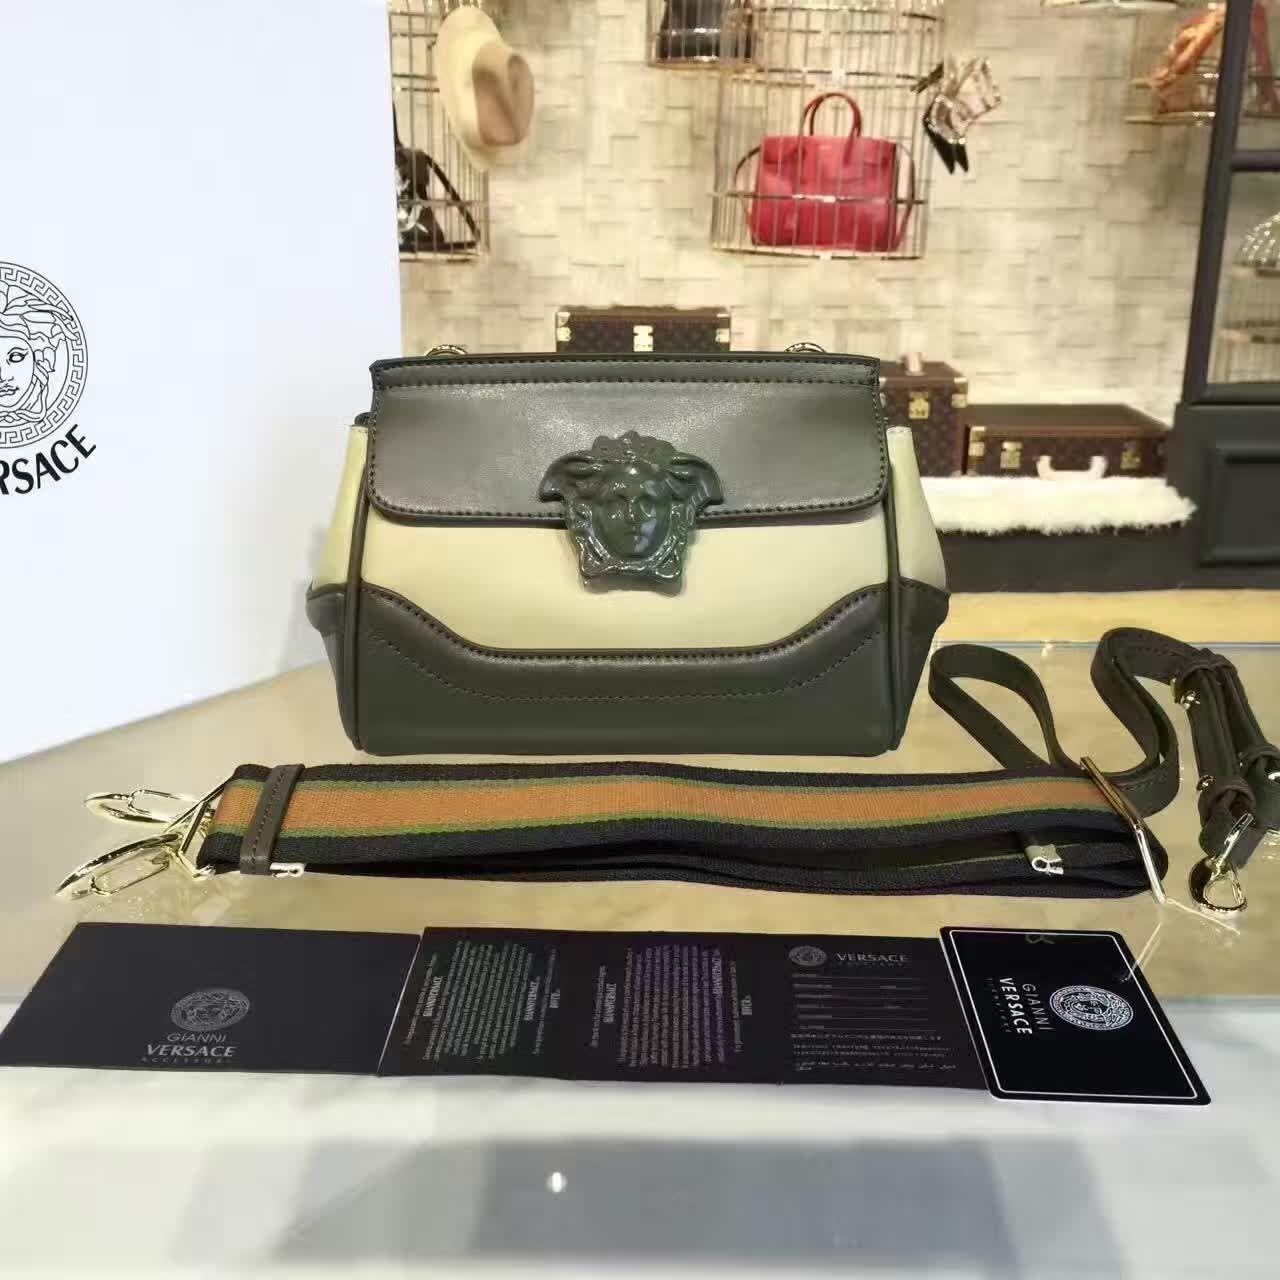 be39a4de3a Discover ideas about Versace Handbags